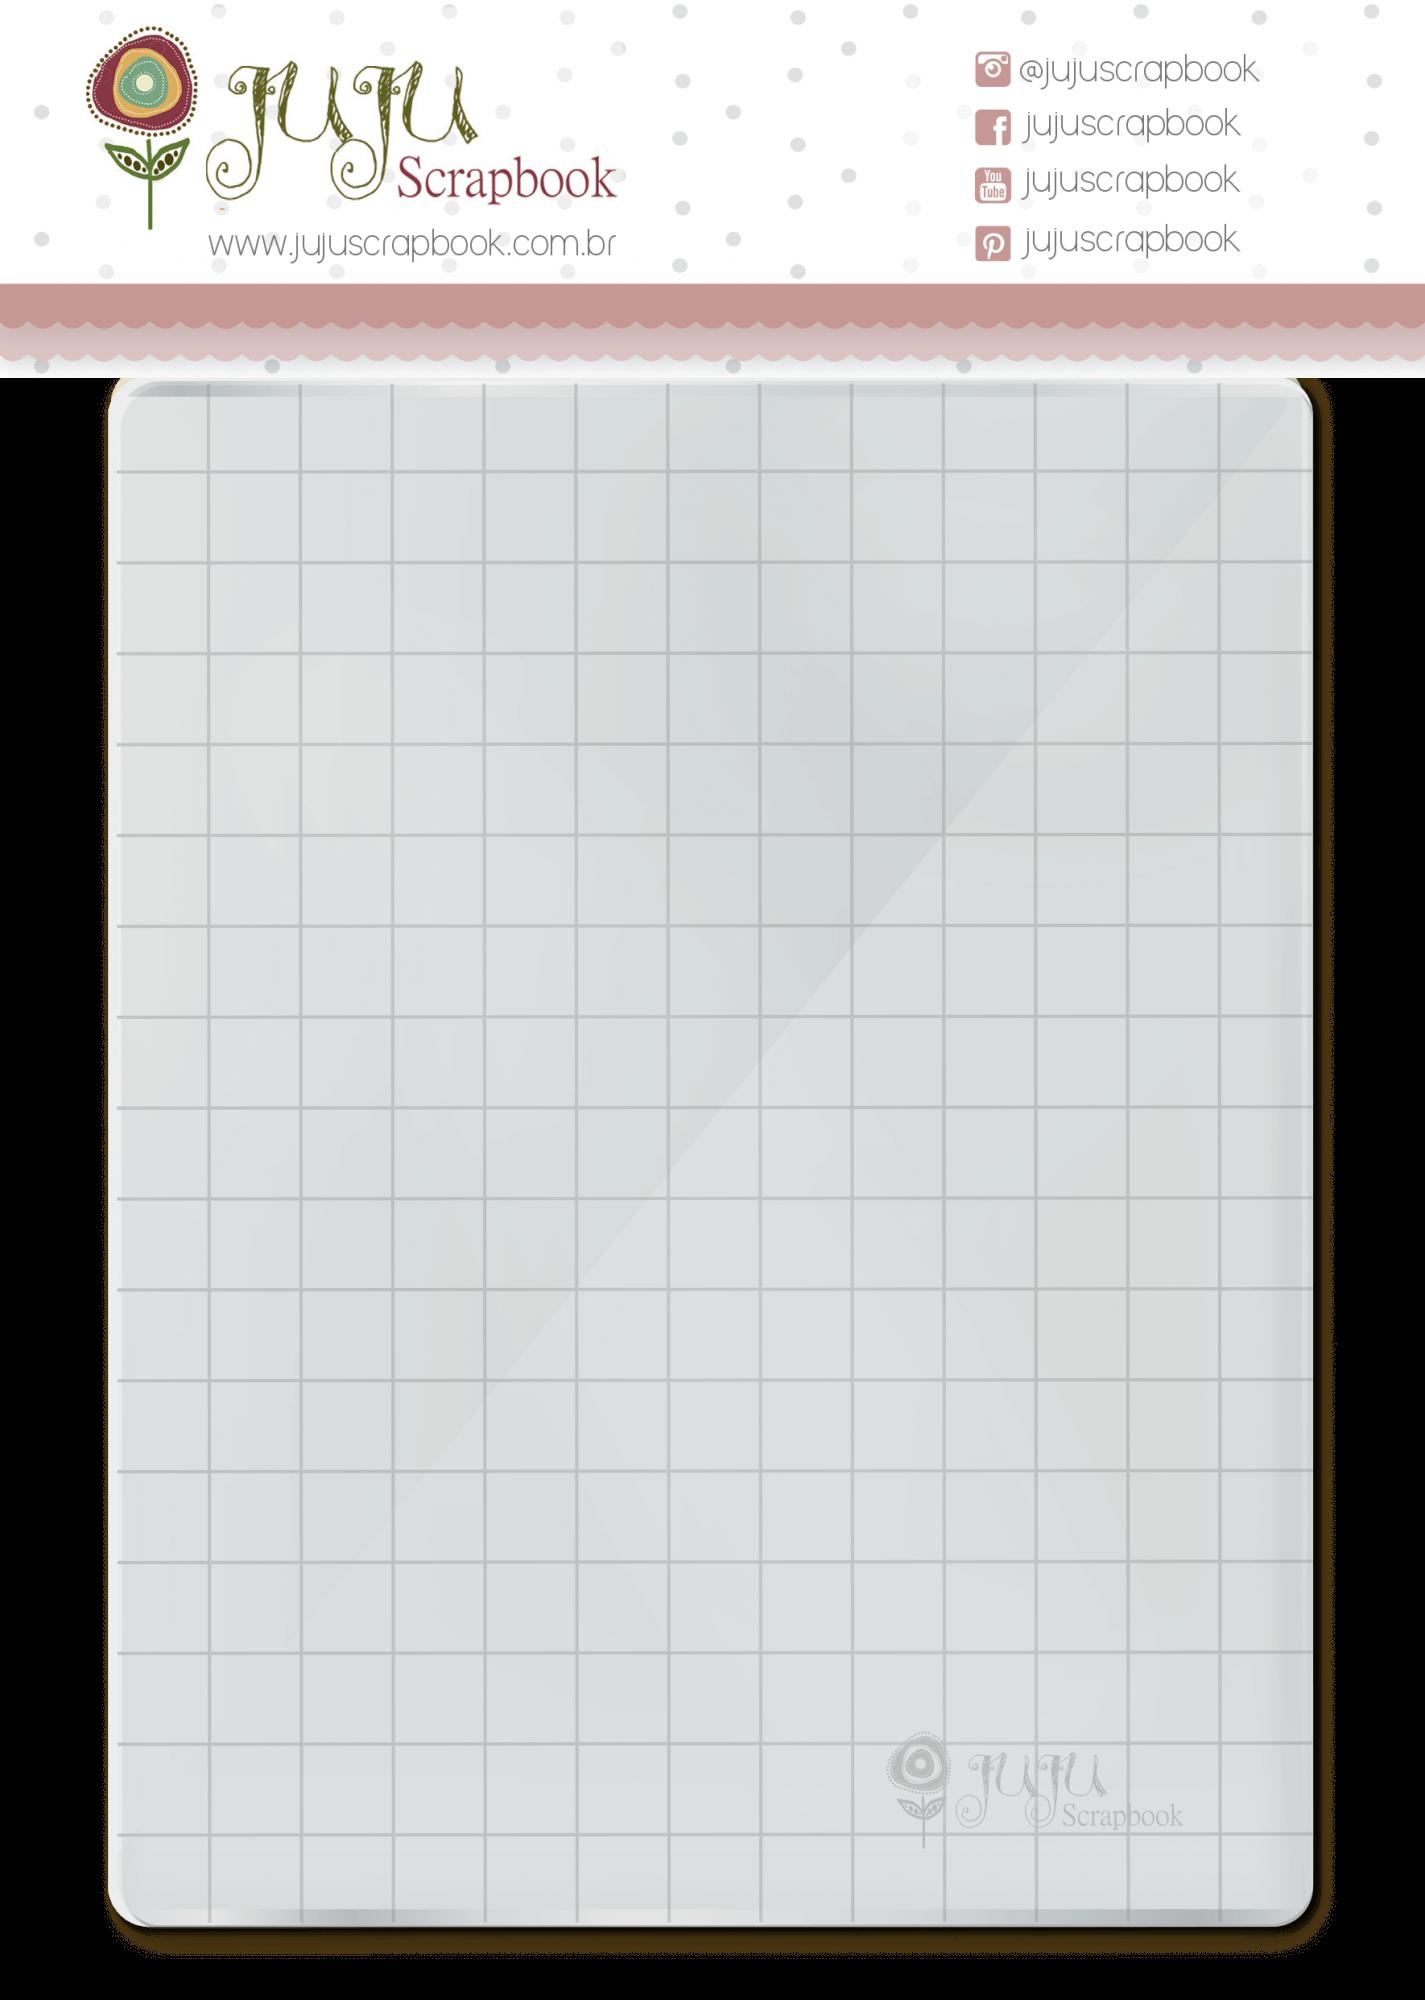 Base acrílica para carimbo - 13 cm x 17 cm  - JuJu Scrapbook